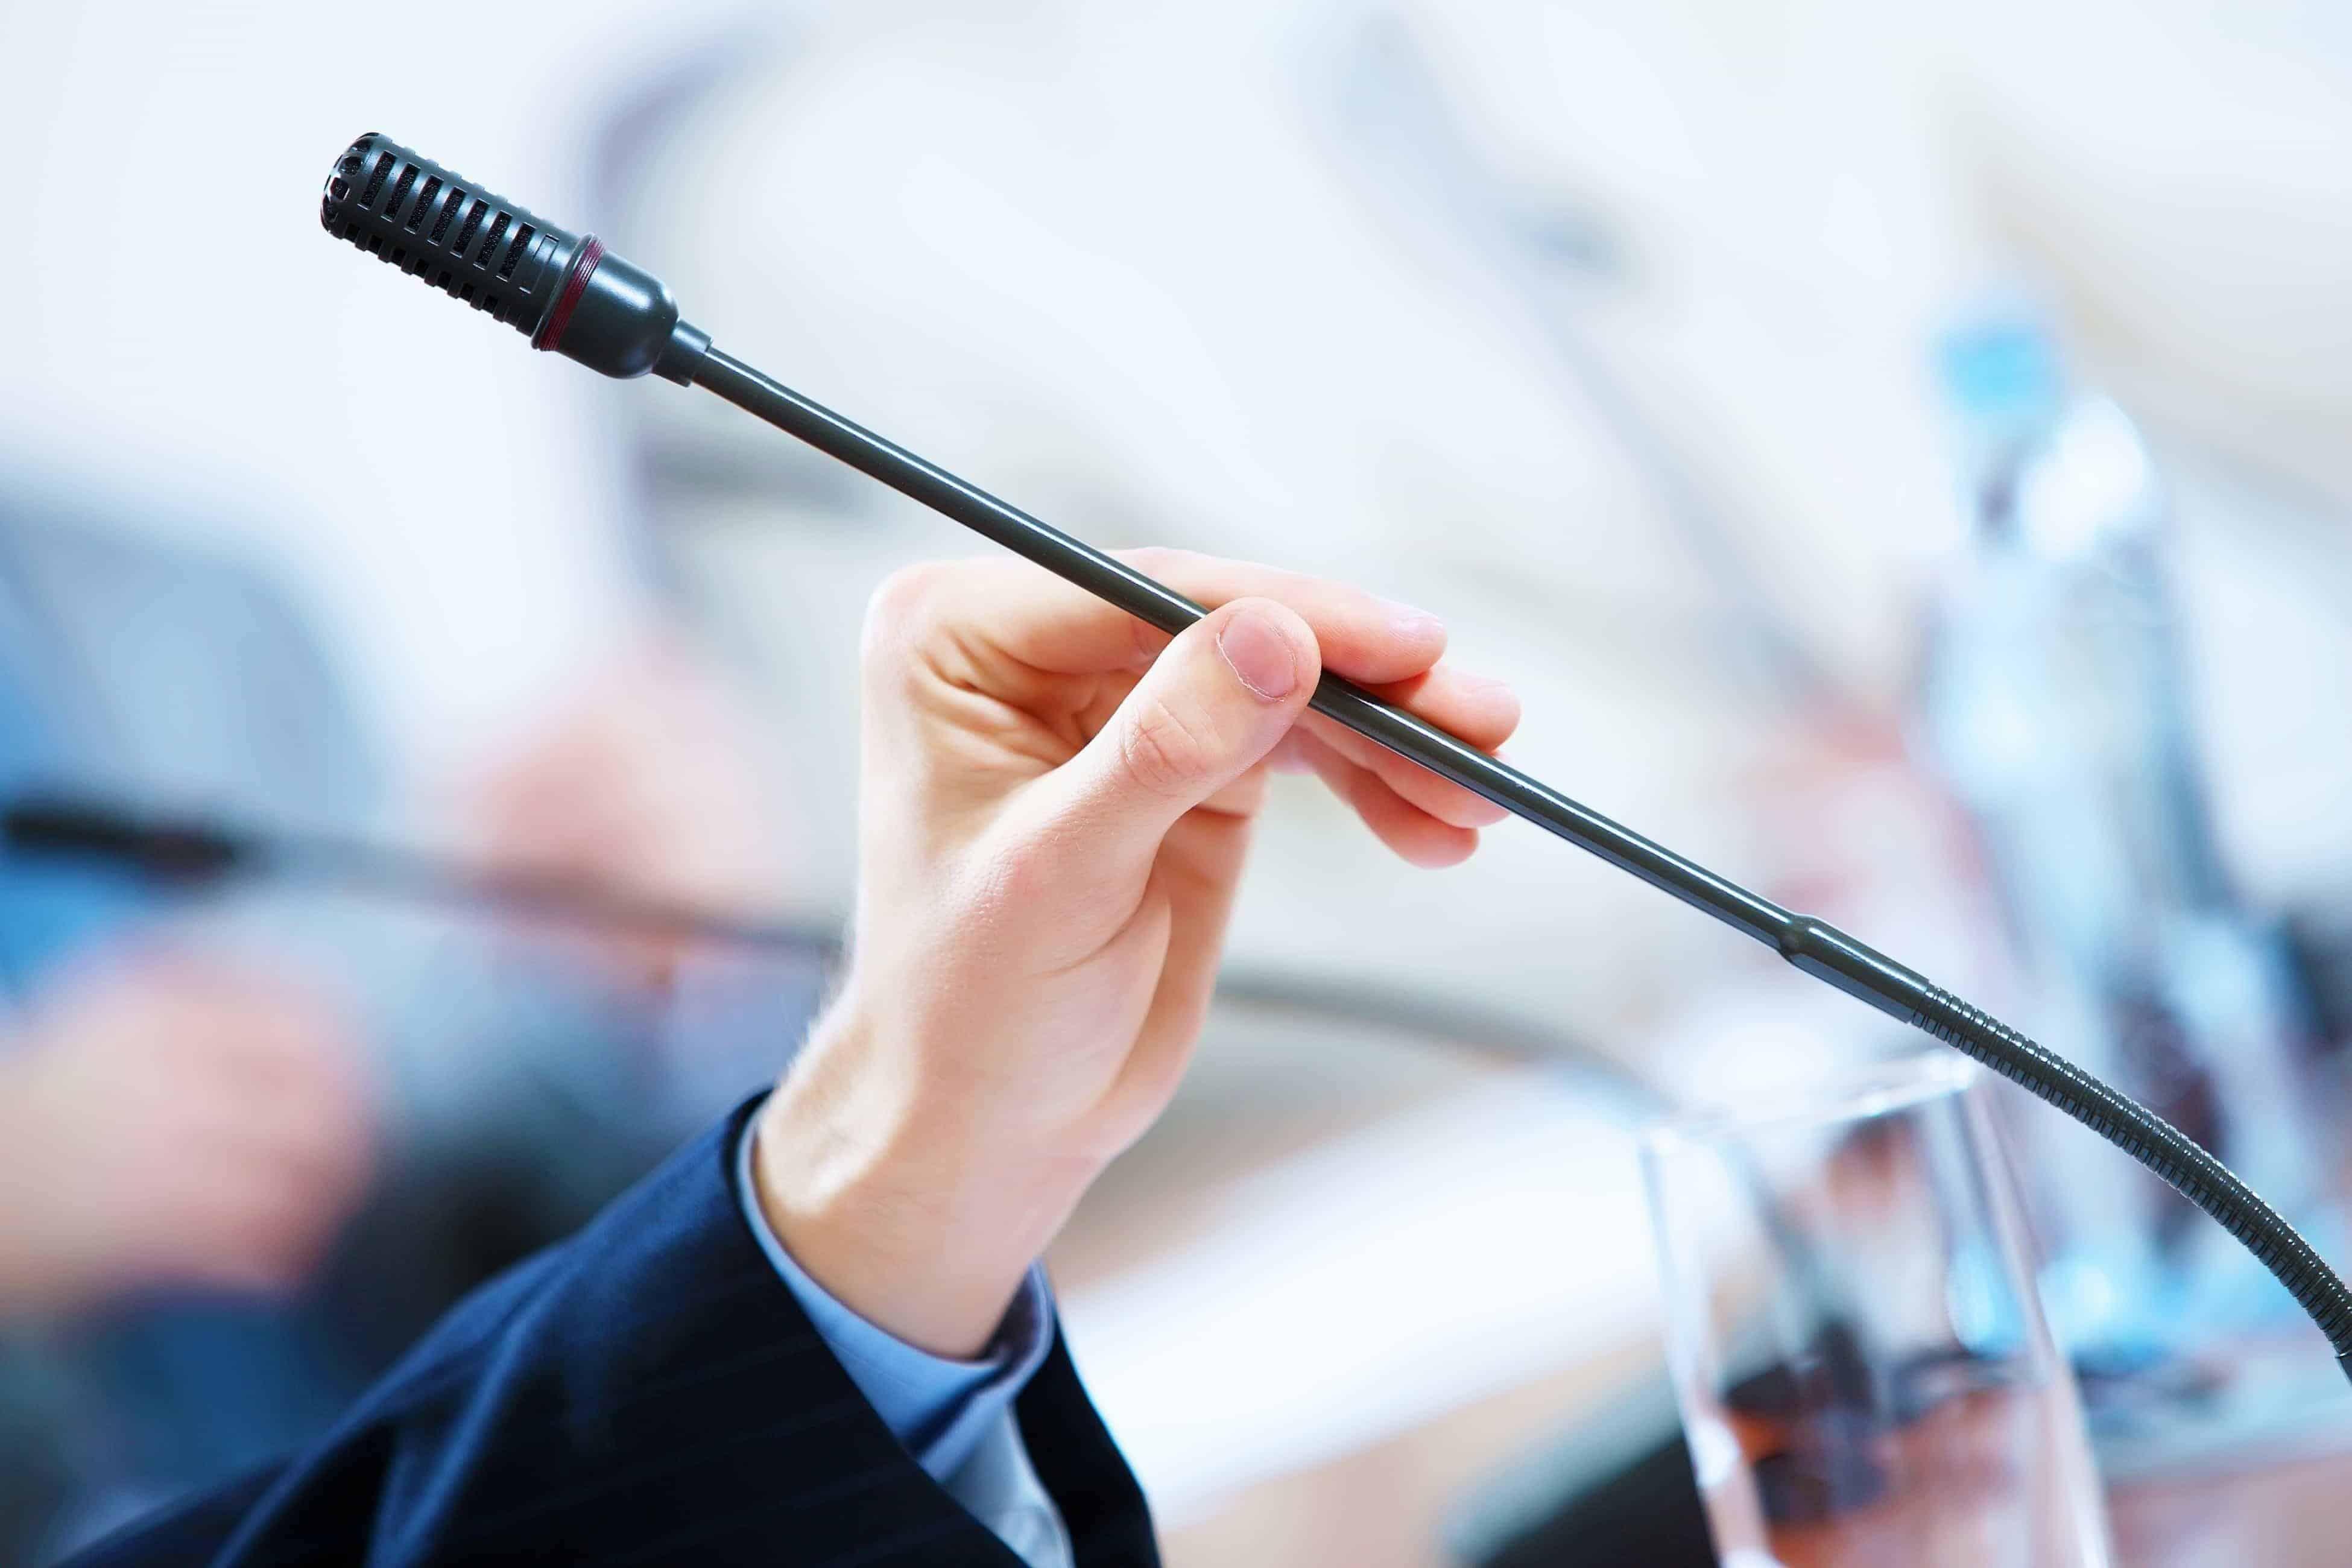 Angst vor Präsentationen? Hypnose hilft Dir, Deinen Vortrag ganz cool zu präsentieren